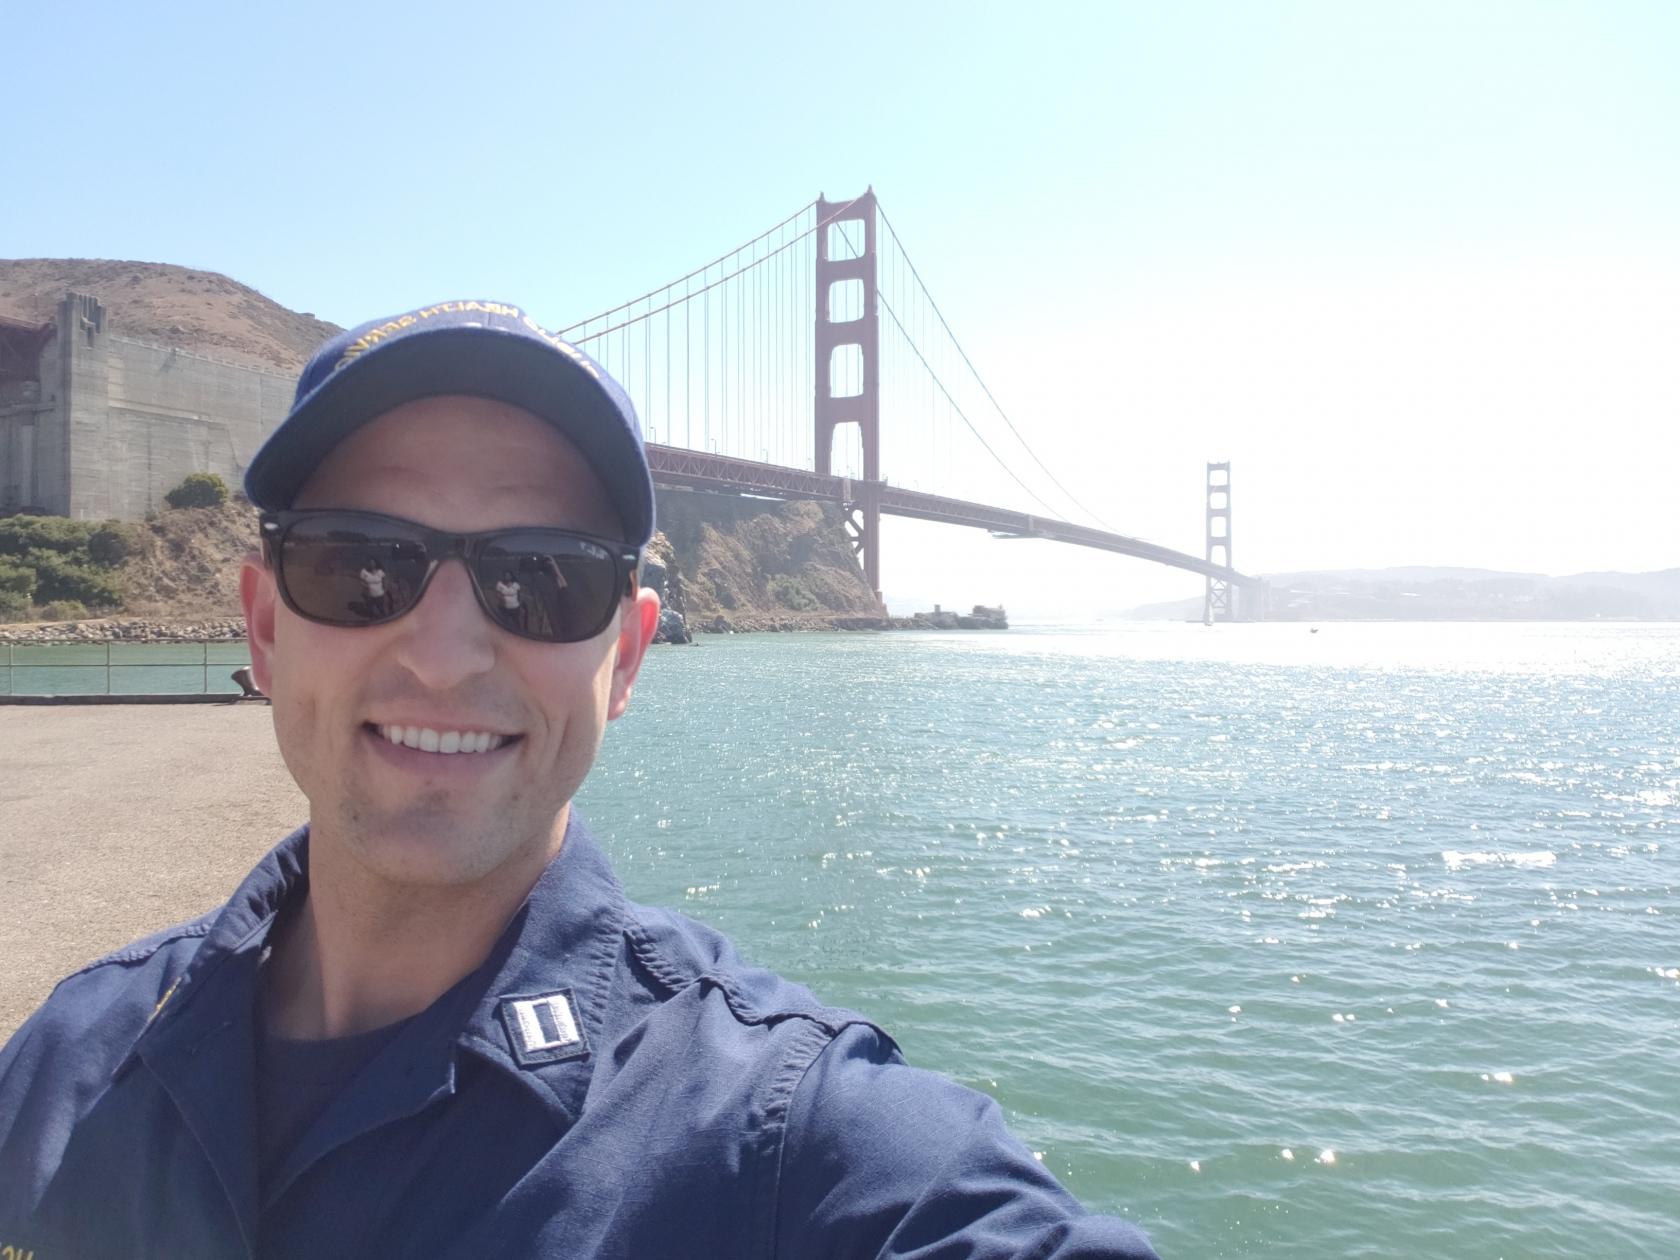 Selfie of LCDR Matt Kozler in front of the Golden Gate Bridge in San Francisco, California